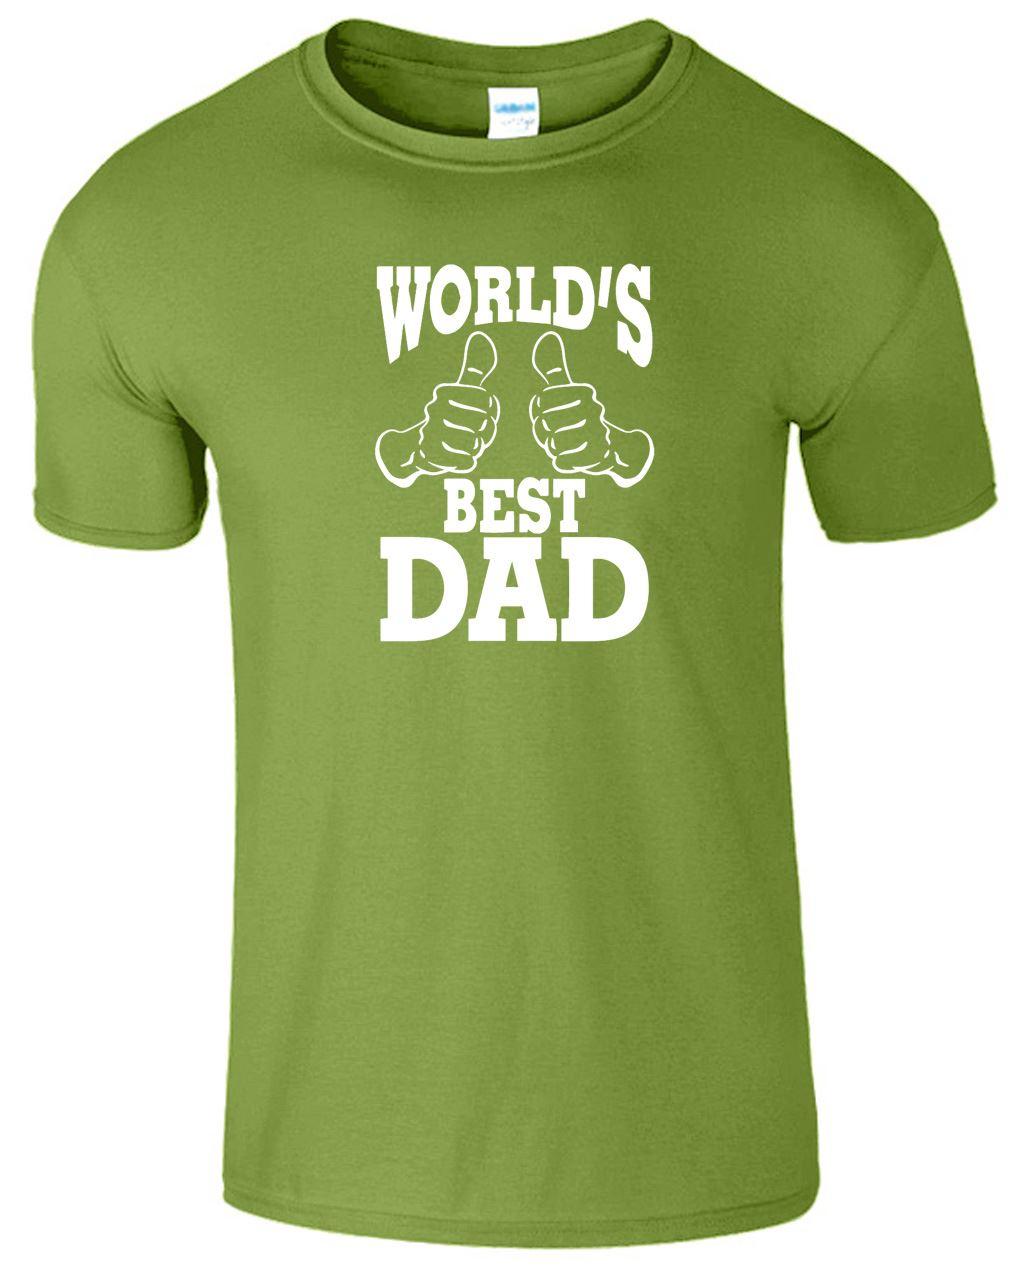 new nice world best dad t shirt design man woman uni xxl l